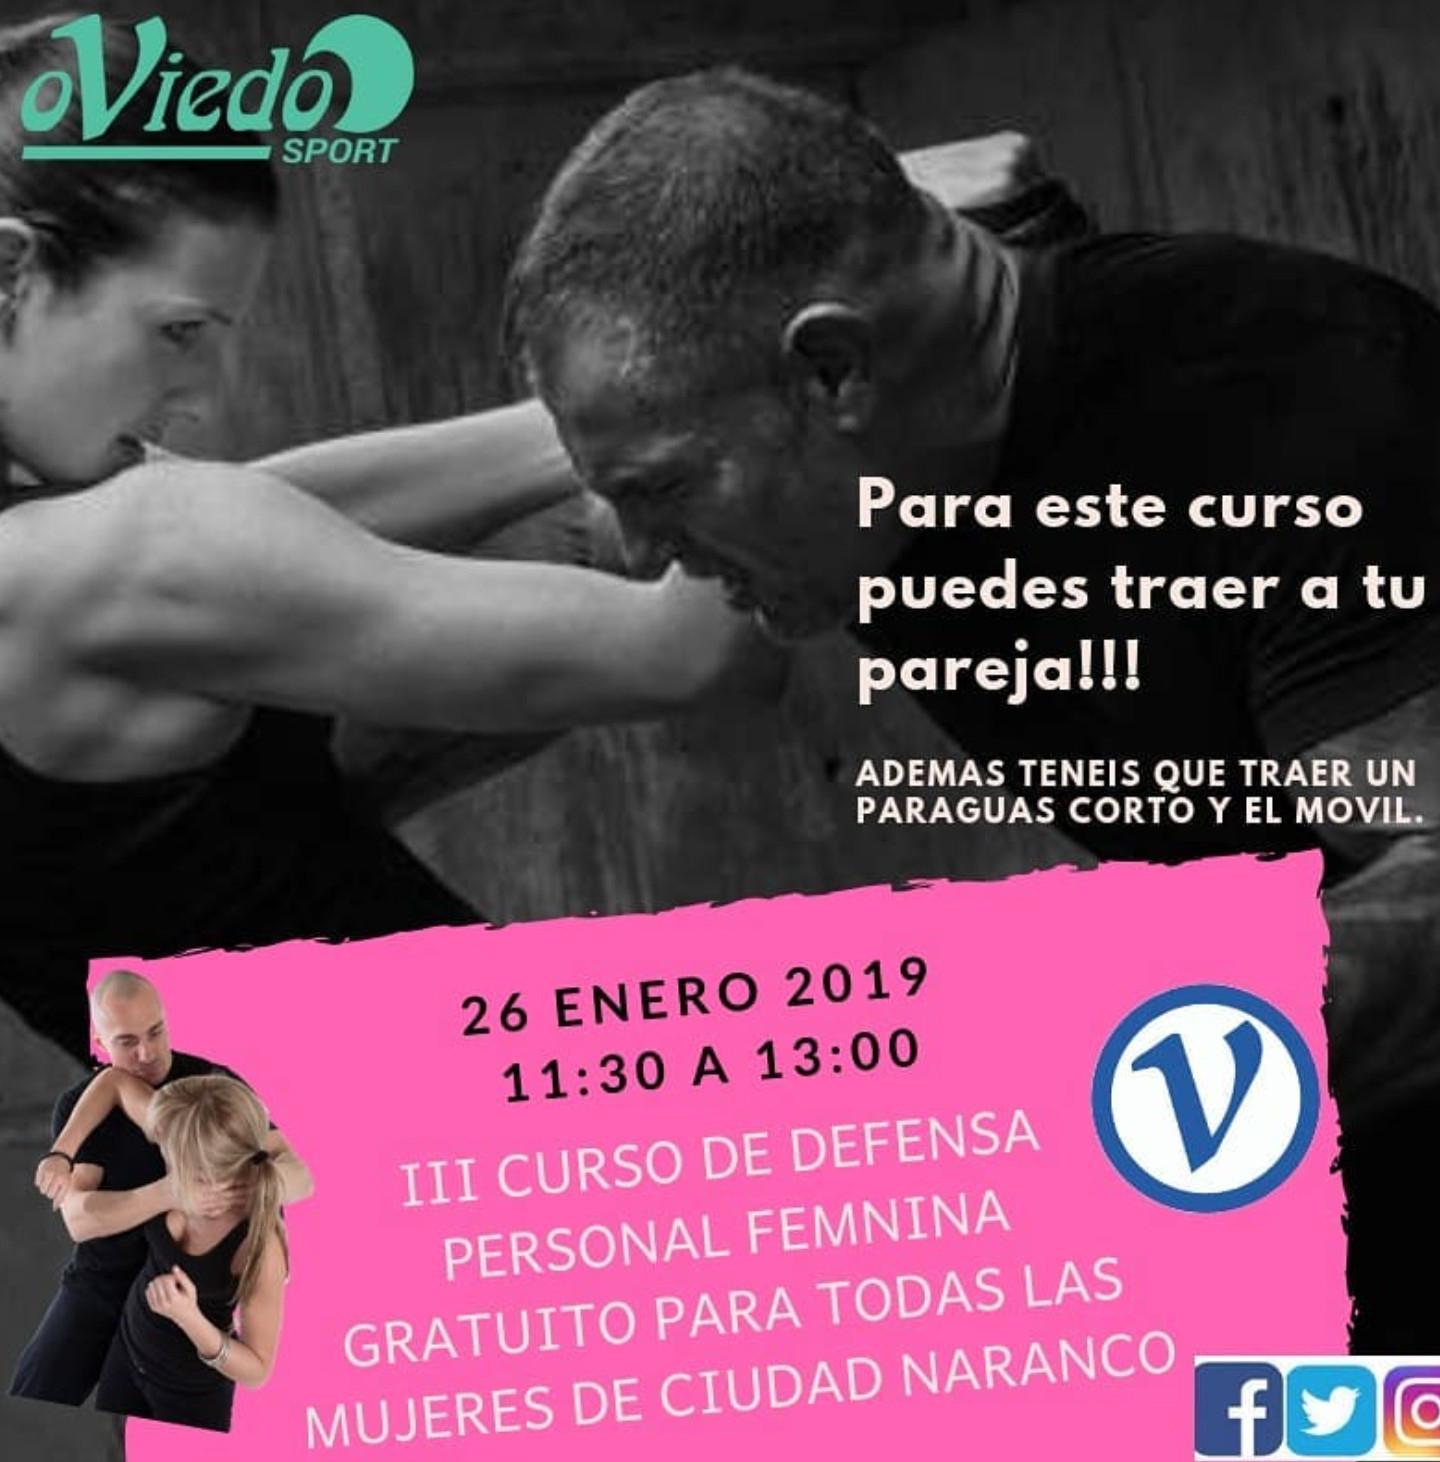 Oviedo (26 de enero): Curso de defensa personal femenina (GRATIS)